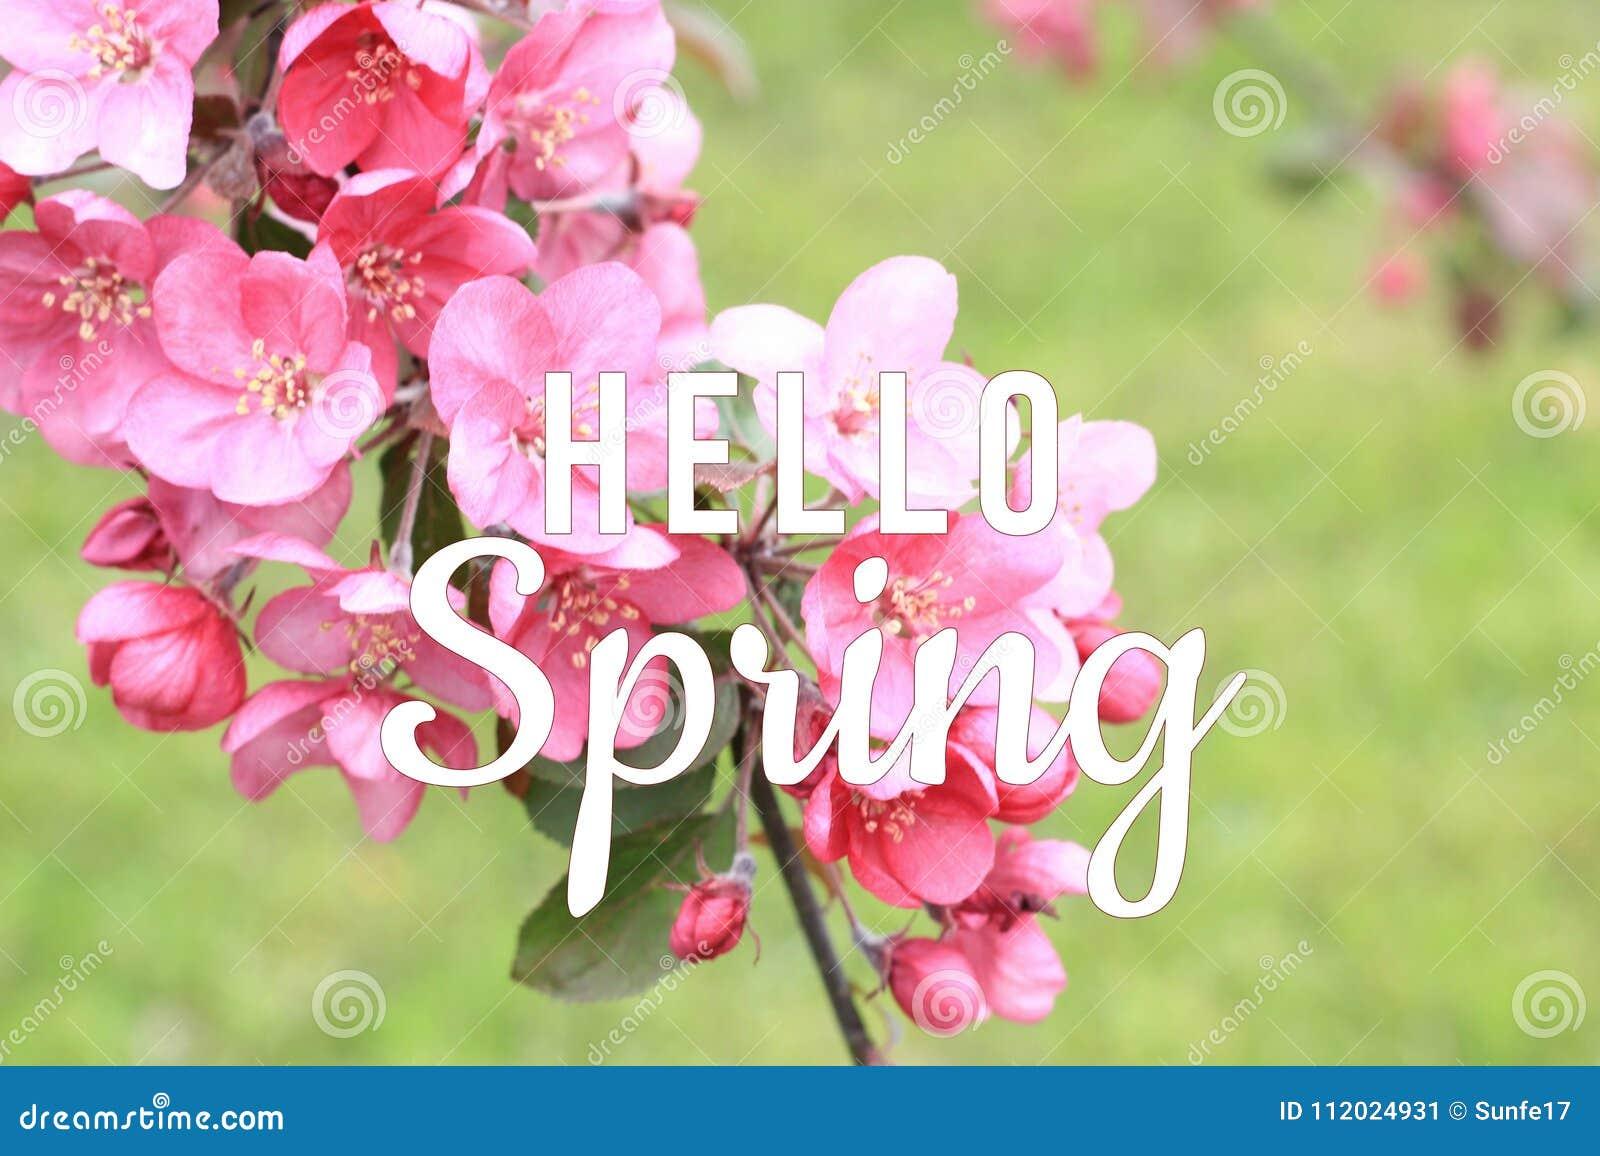 Bonjour texte de ressort sur le fond de floraison de branche d arbre